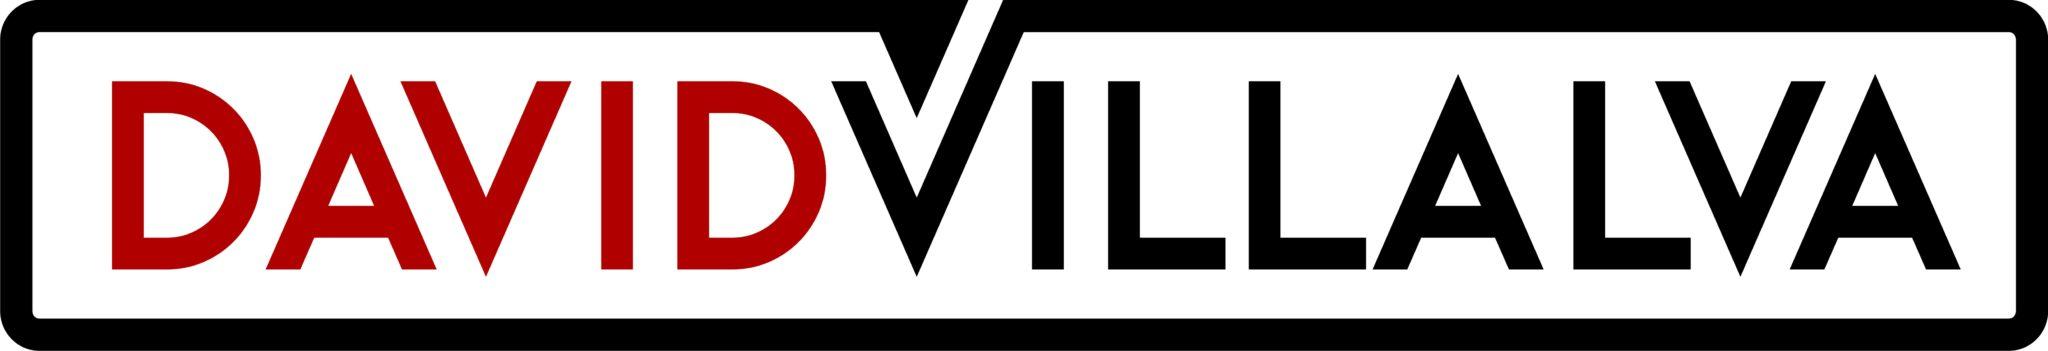 David Villalva - Lucid Storyteller